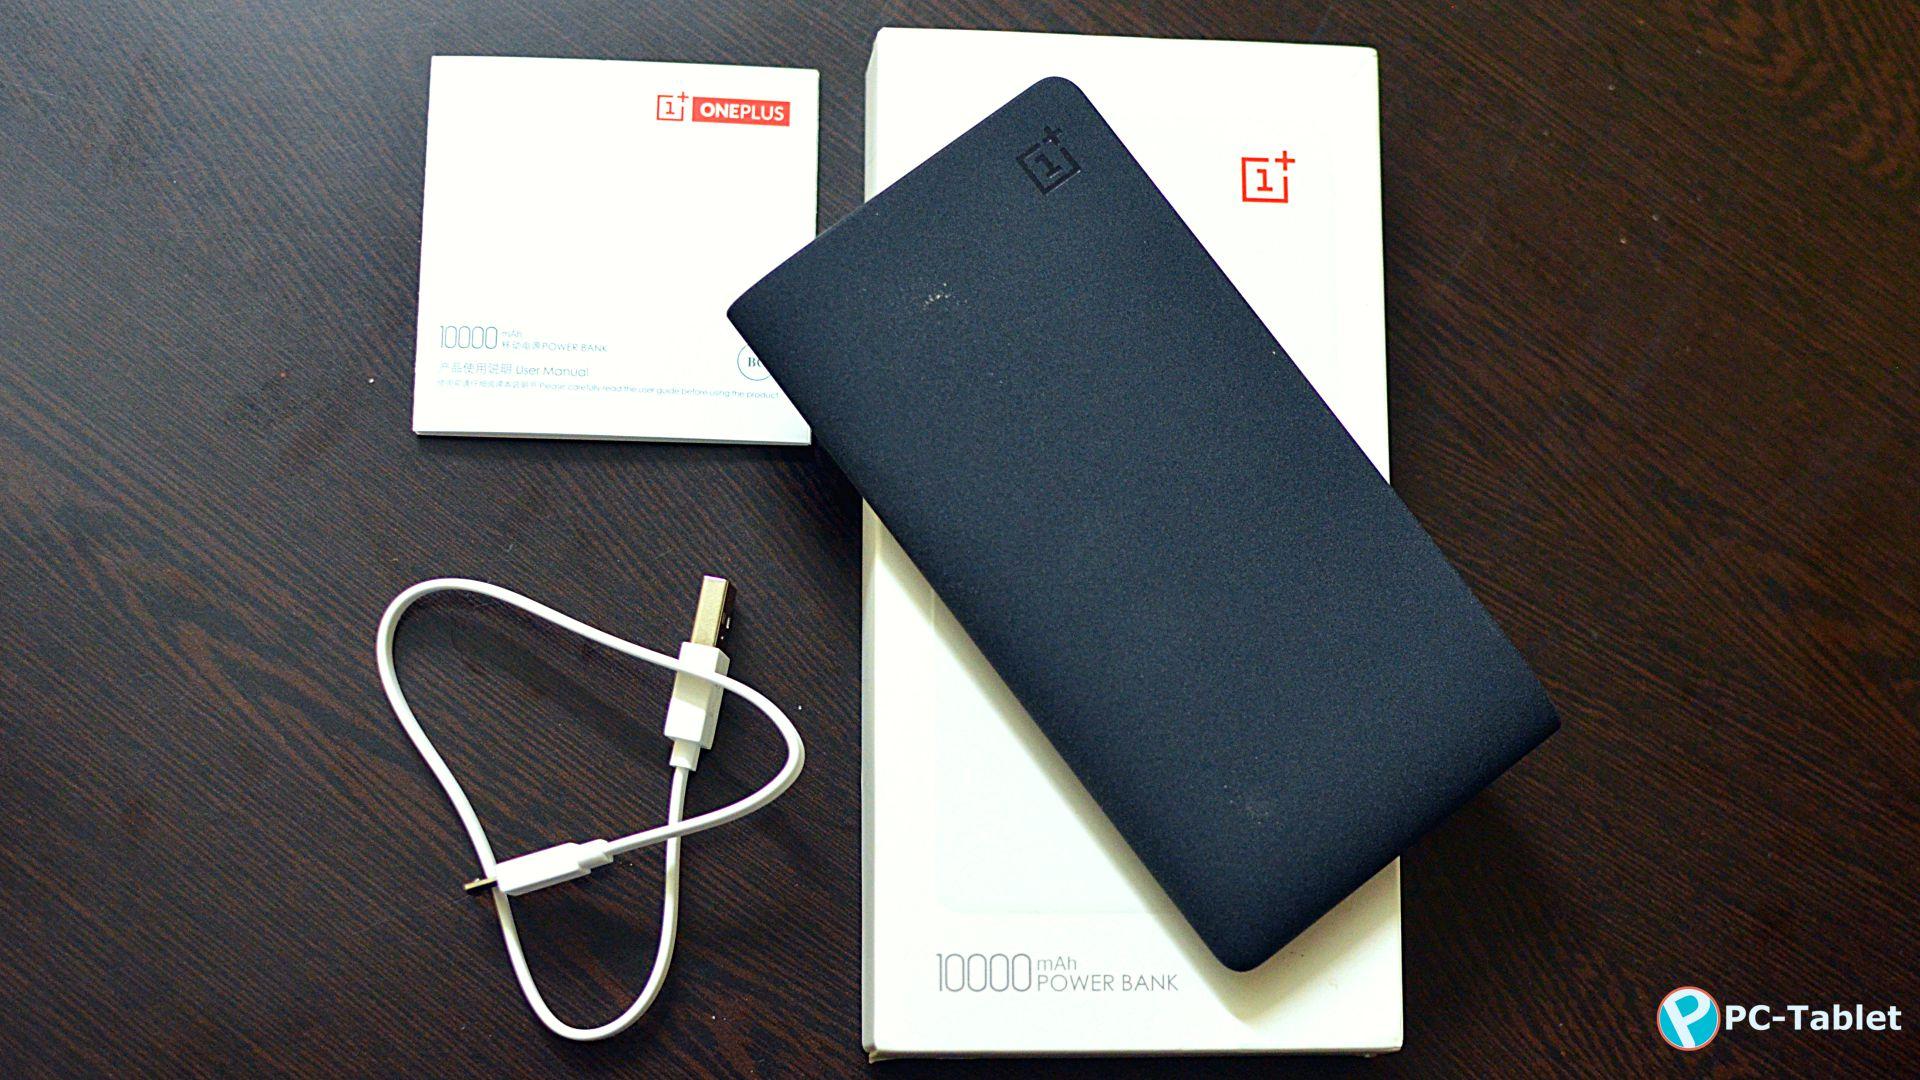 OnePlus 10000 mAh Power Bank (2)